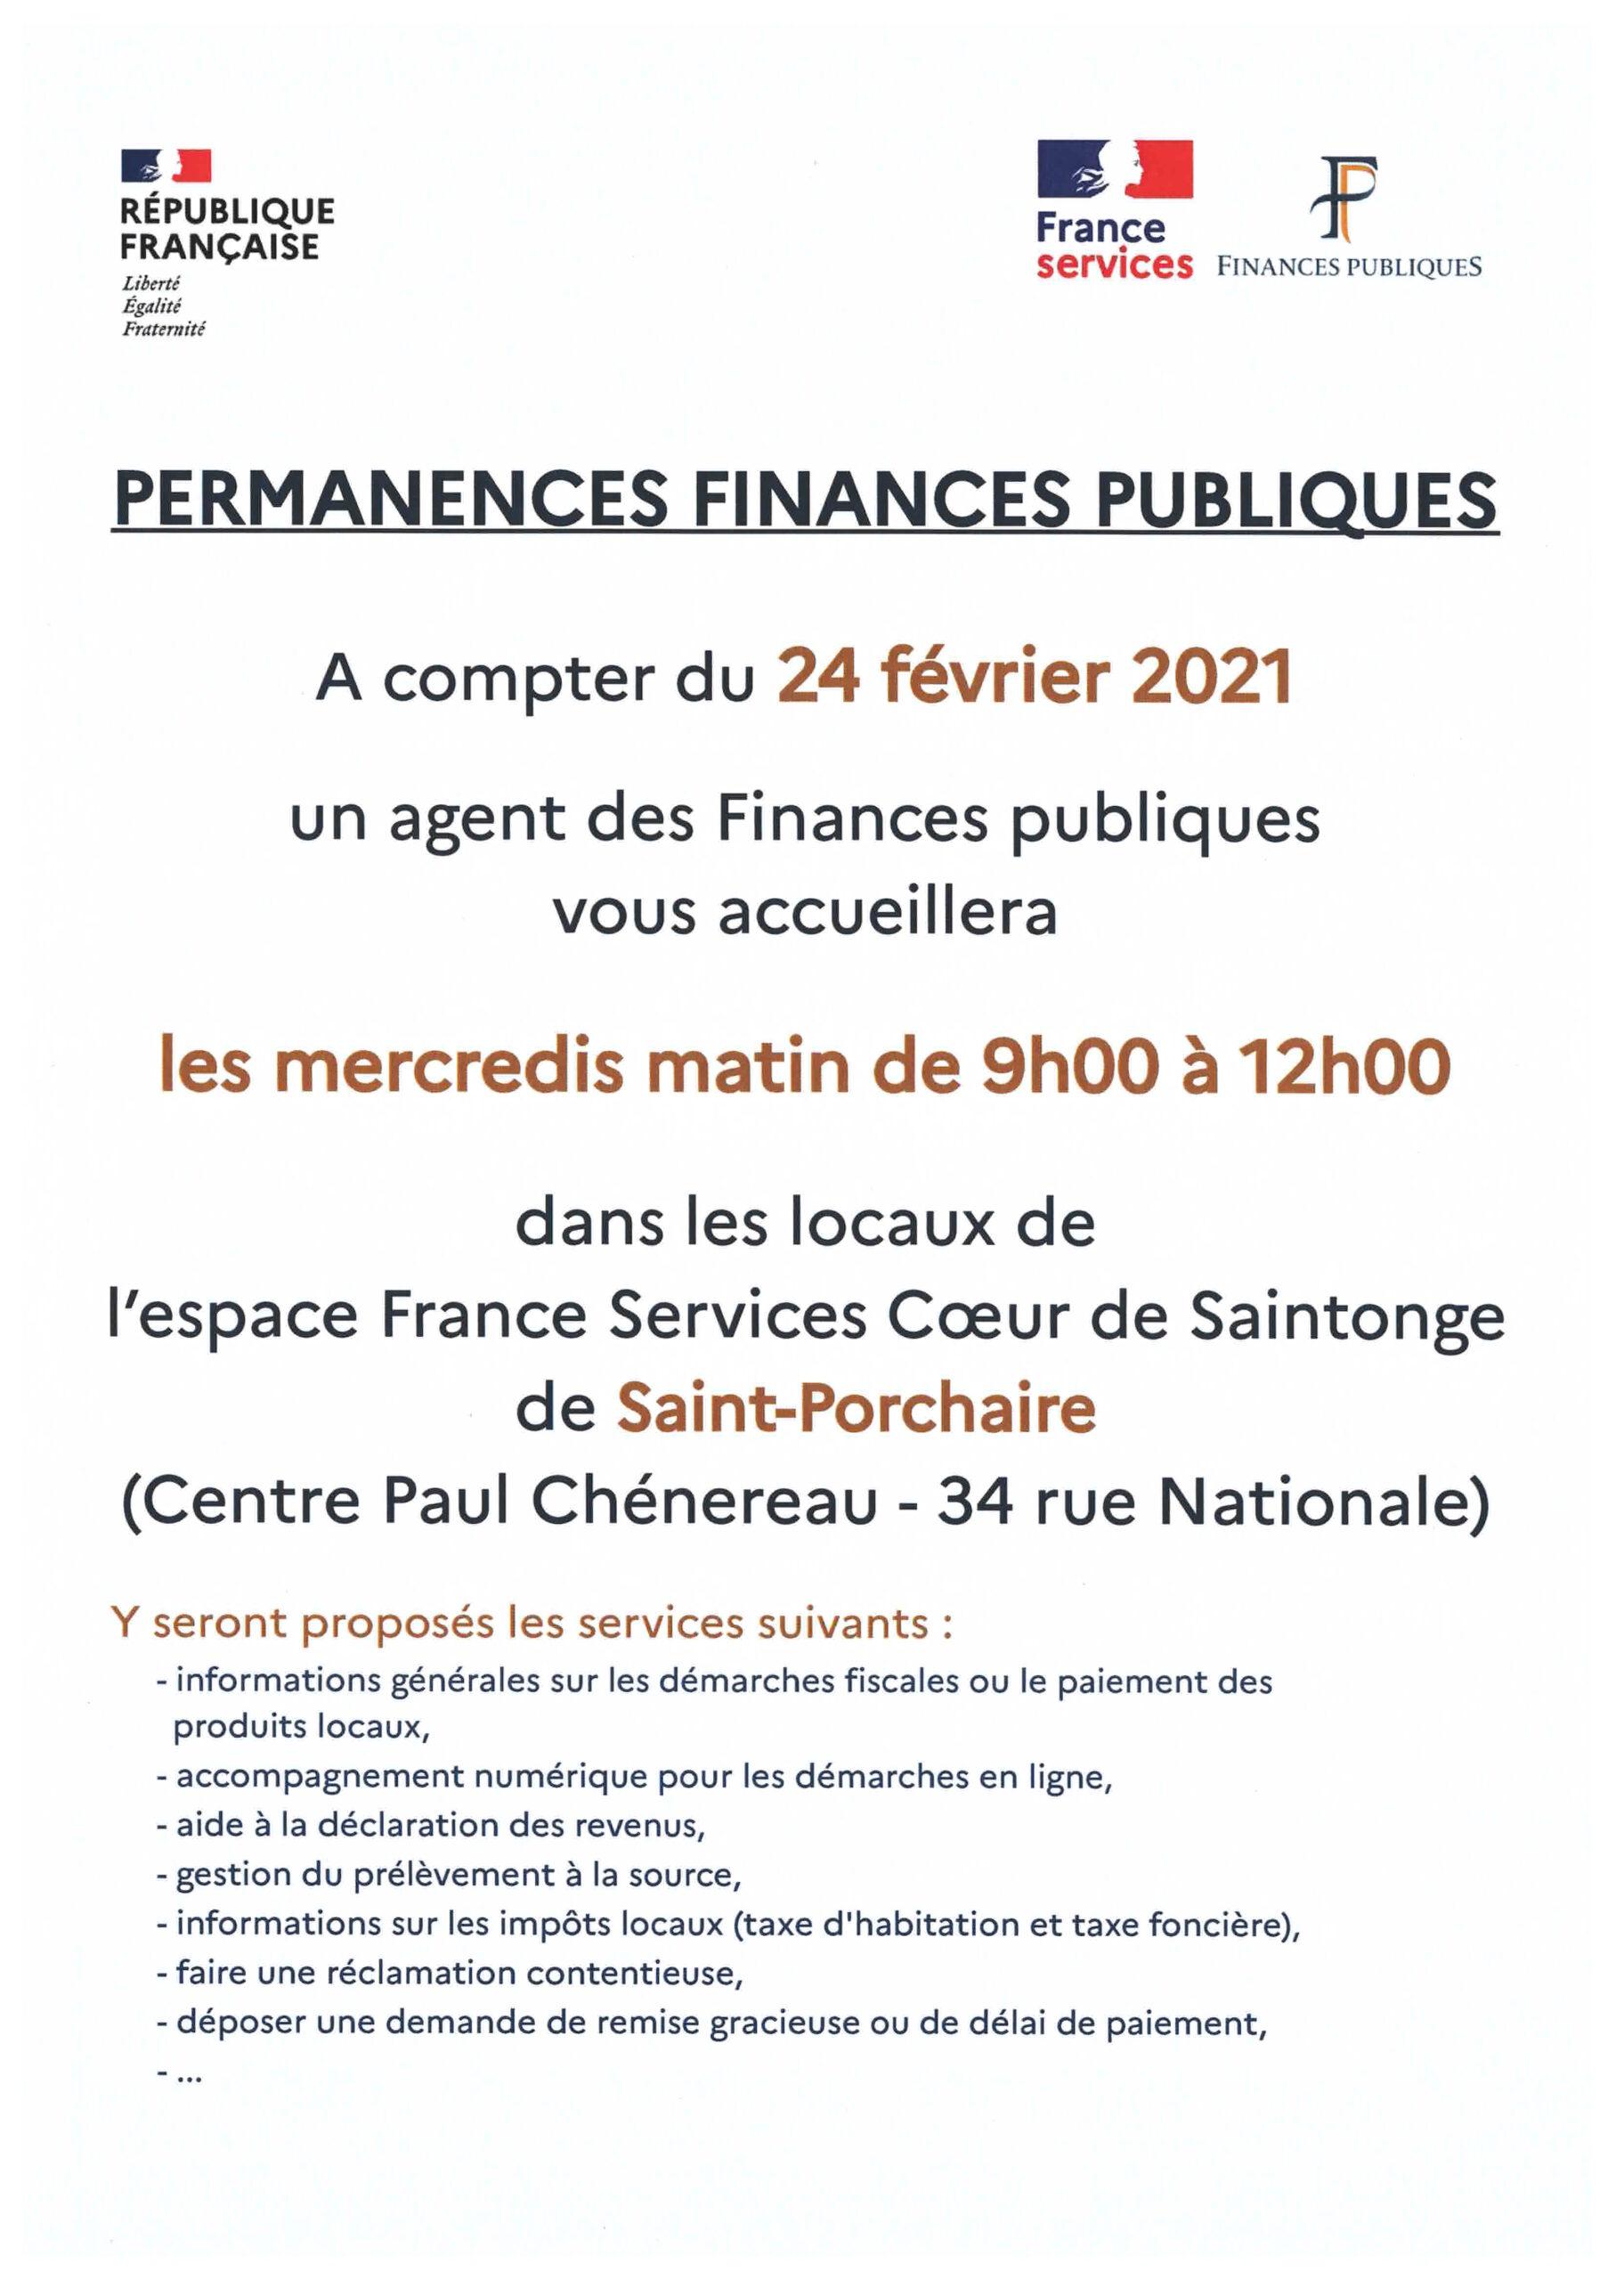 Permanences Finances Publiques - Saint-Porchaire